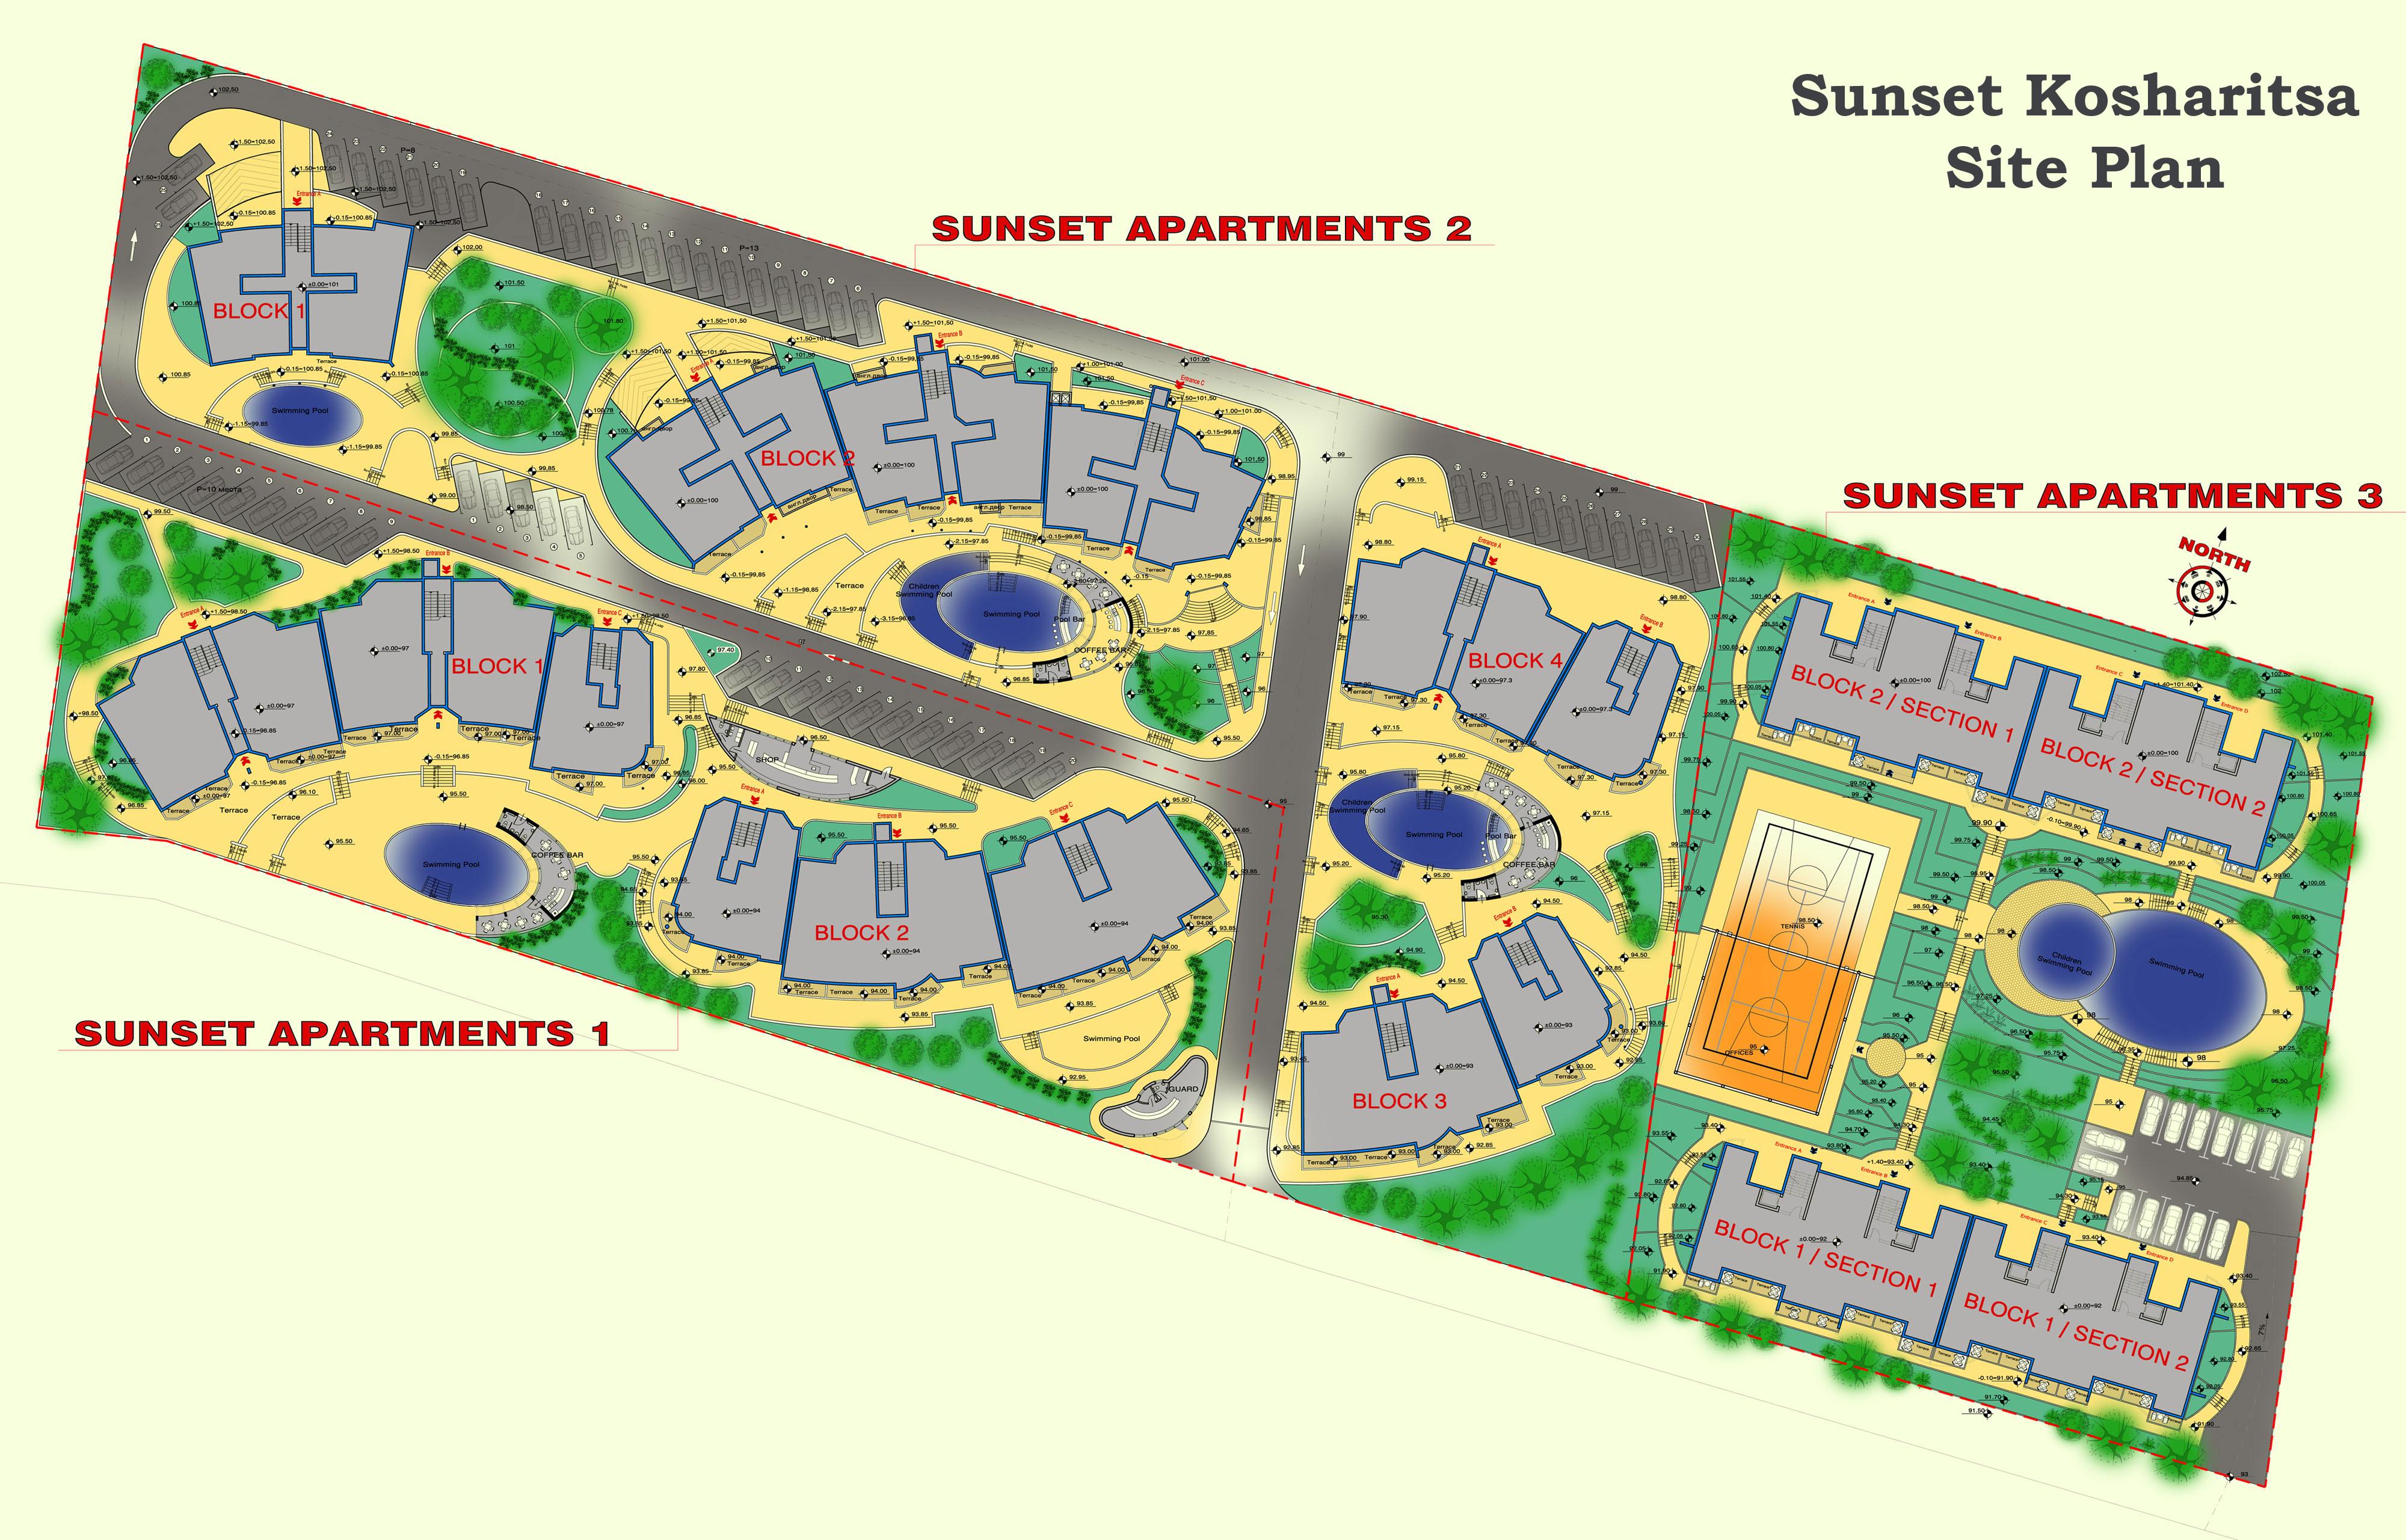 Генерален план: Sunset Kosharitsa - aпартаменти в атрактивен комплекс сред планината и морето, близо до Слънчев бряг